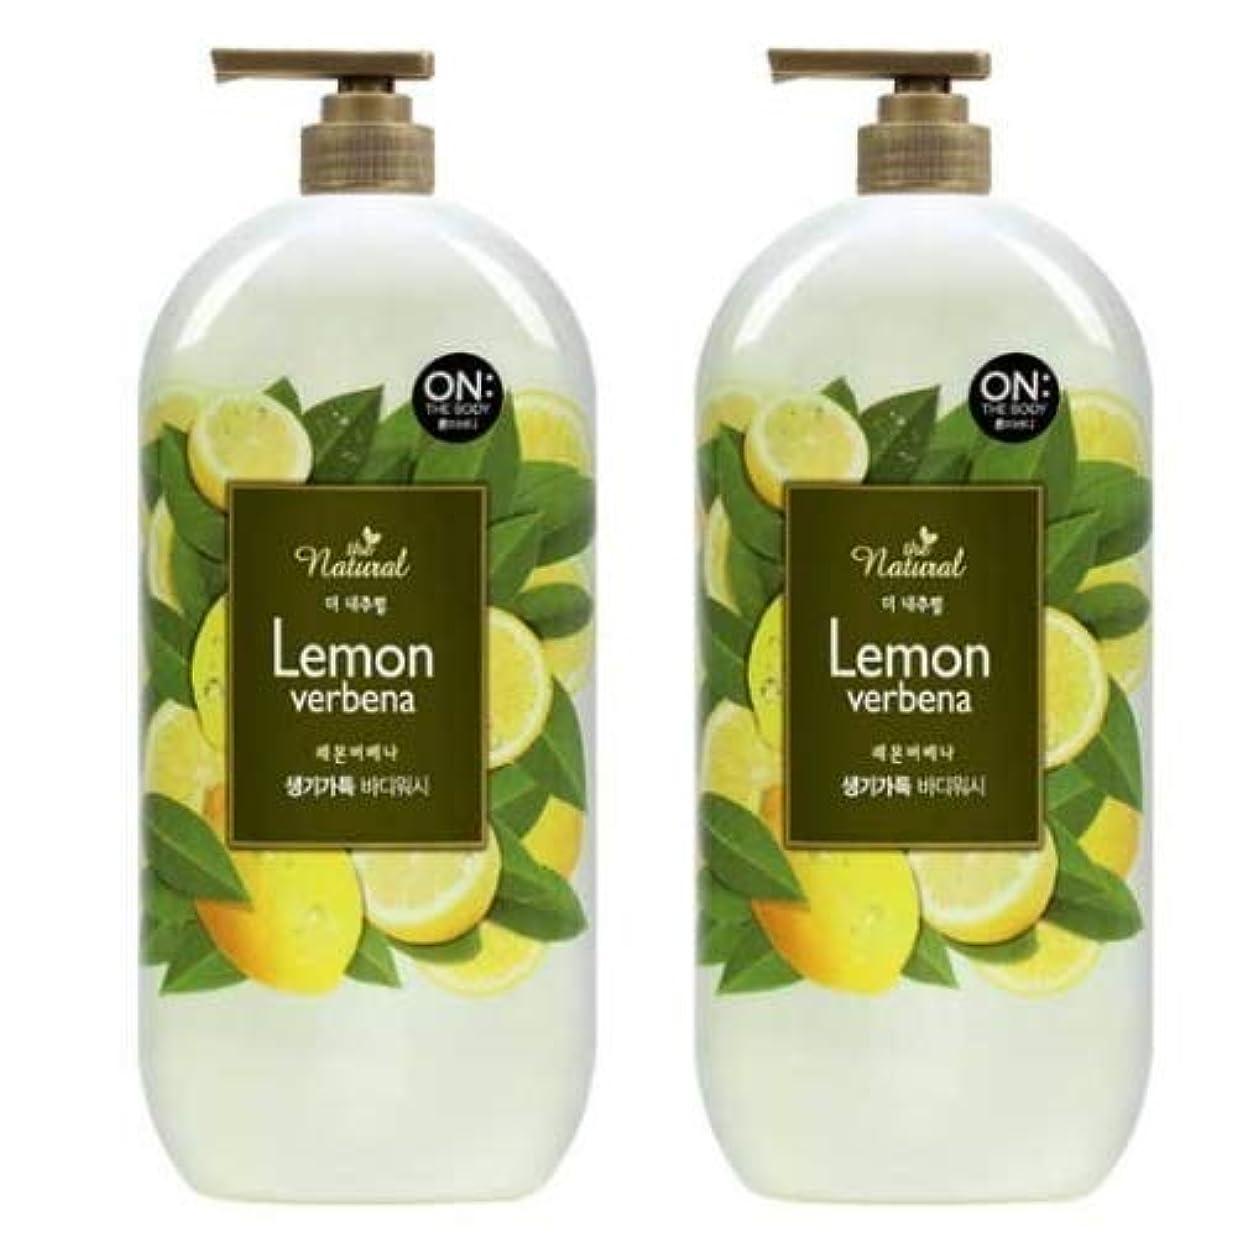 アルファベット順擬人アプローチ[LG HnB] On the Body The Natural Body Wash / オンザボディよりナチュラルウォッシュ900gx2個(海外直送品)